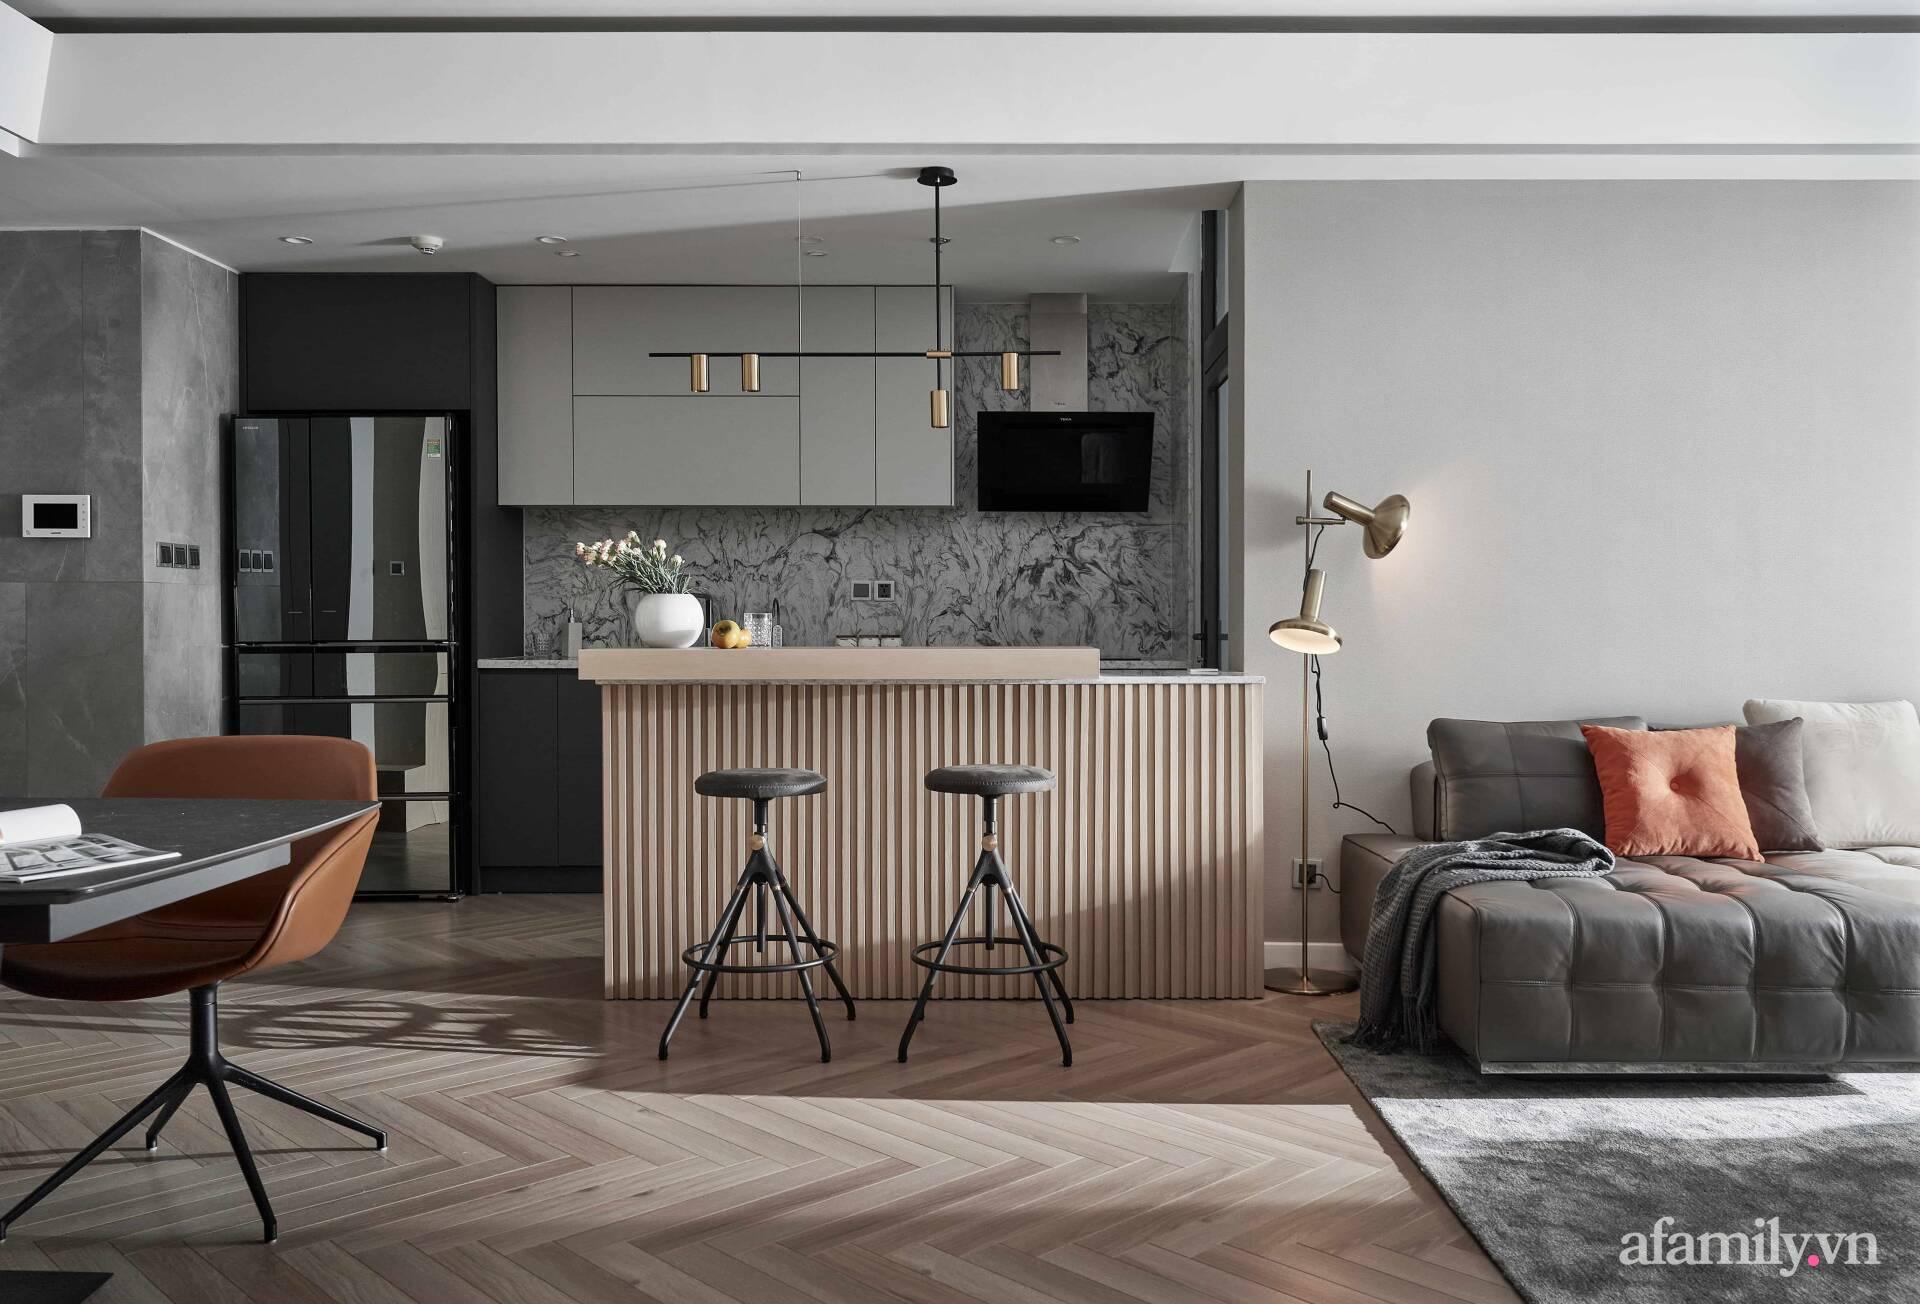 Căn hộ 100m² đẹp sang trọng với lựa chọn nội thất cao cấp ở Hà Nội - Ảnh 1.